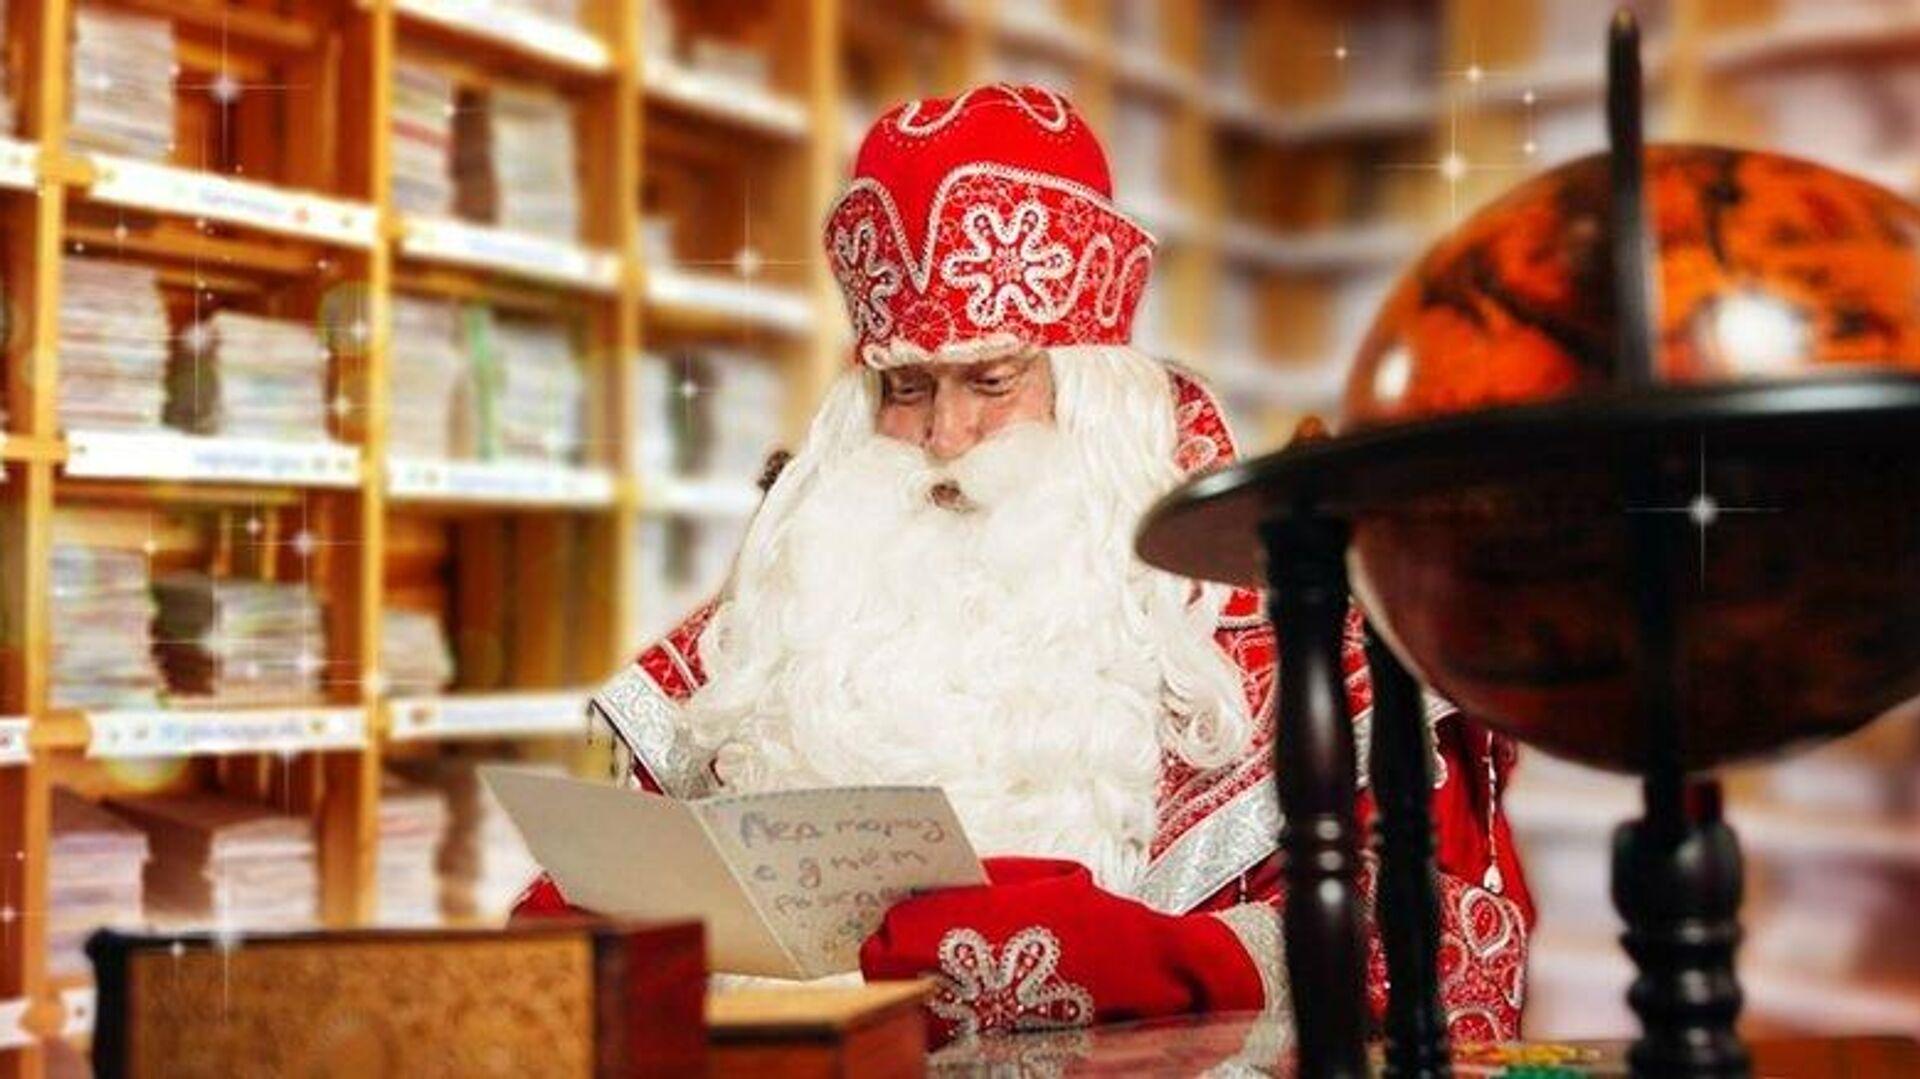 Вотчина Деда Мороза будет принимать туристов малыми группами - РИА Новости, 1920, 18.11.2020